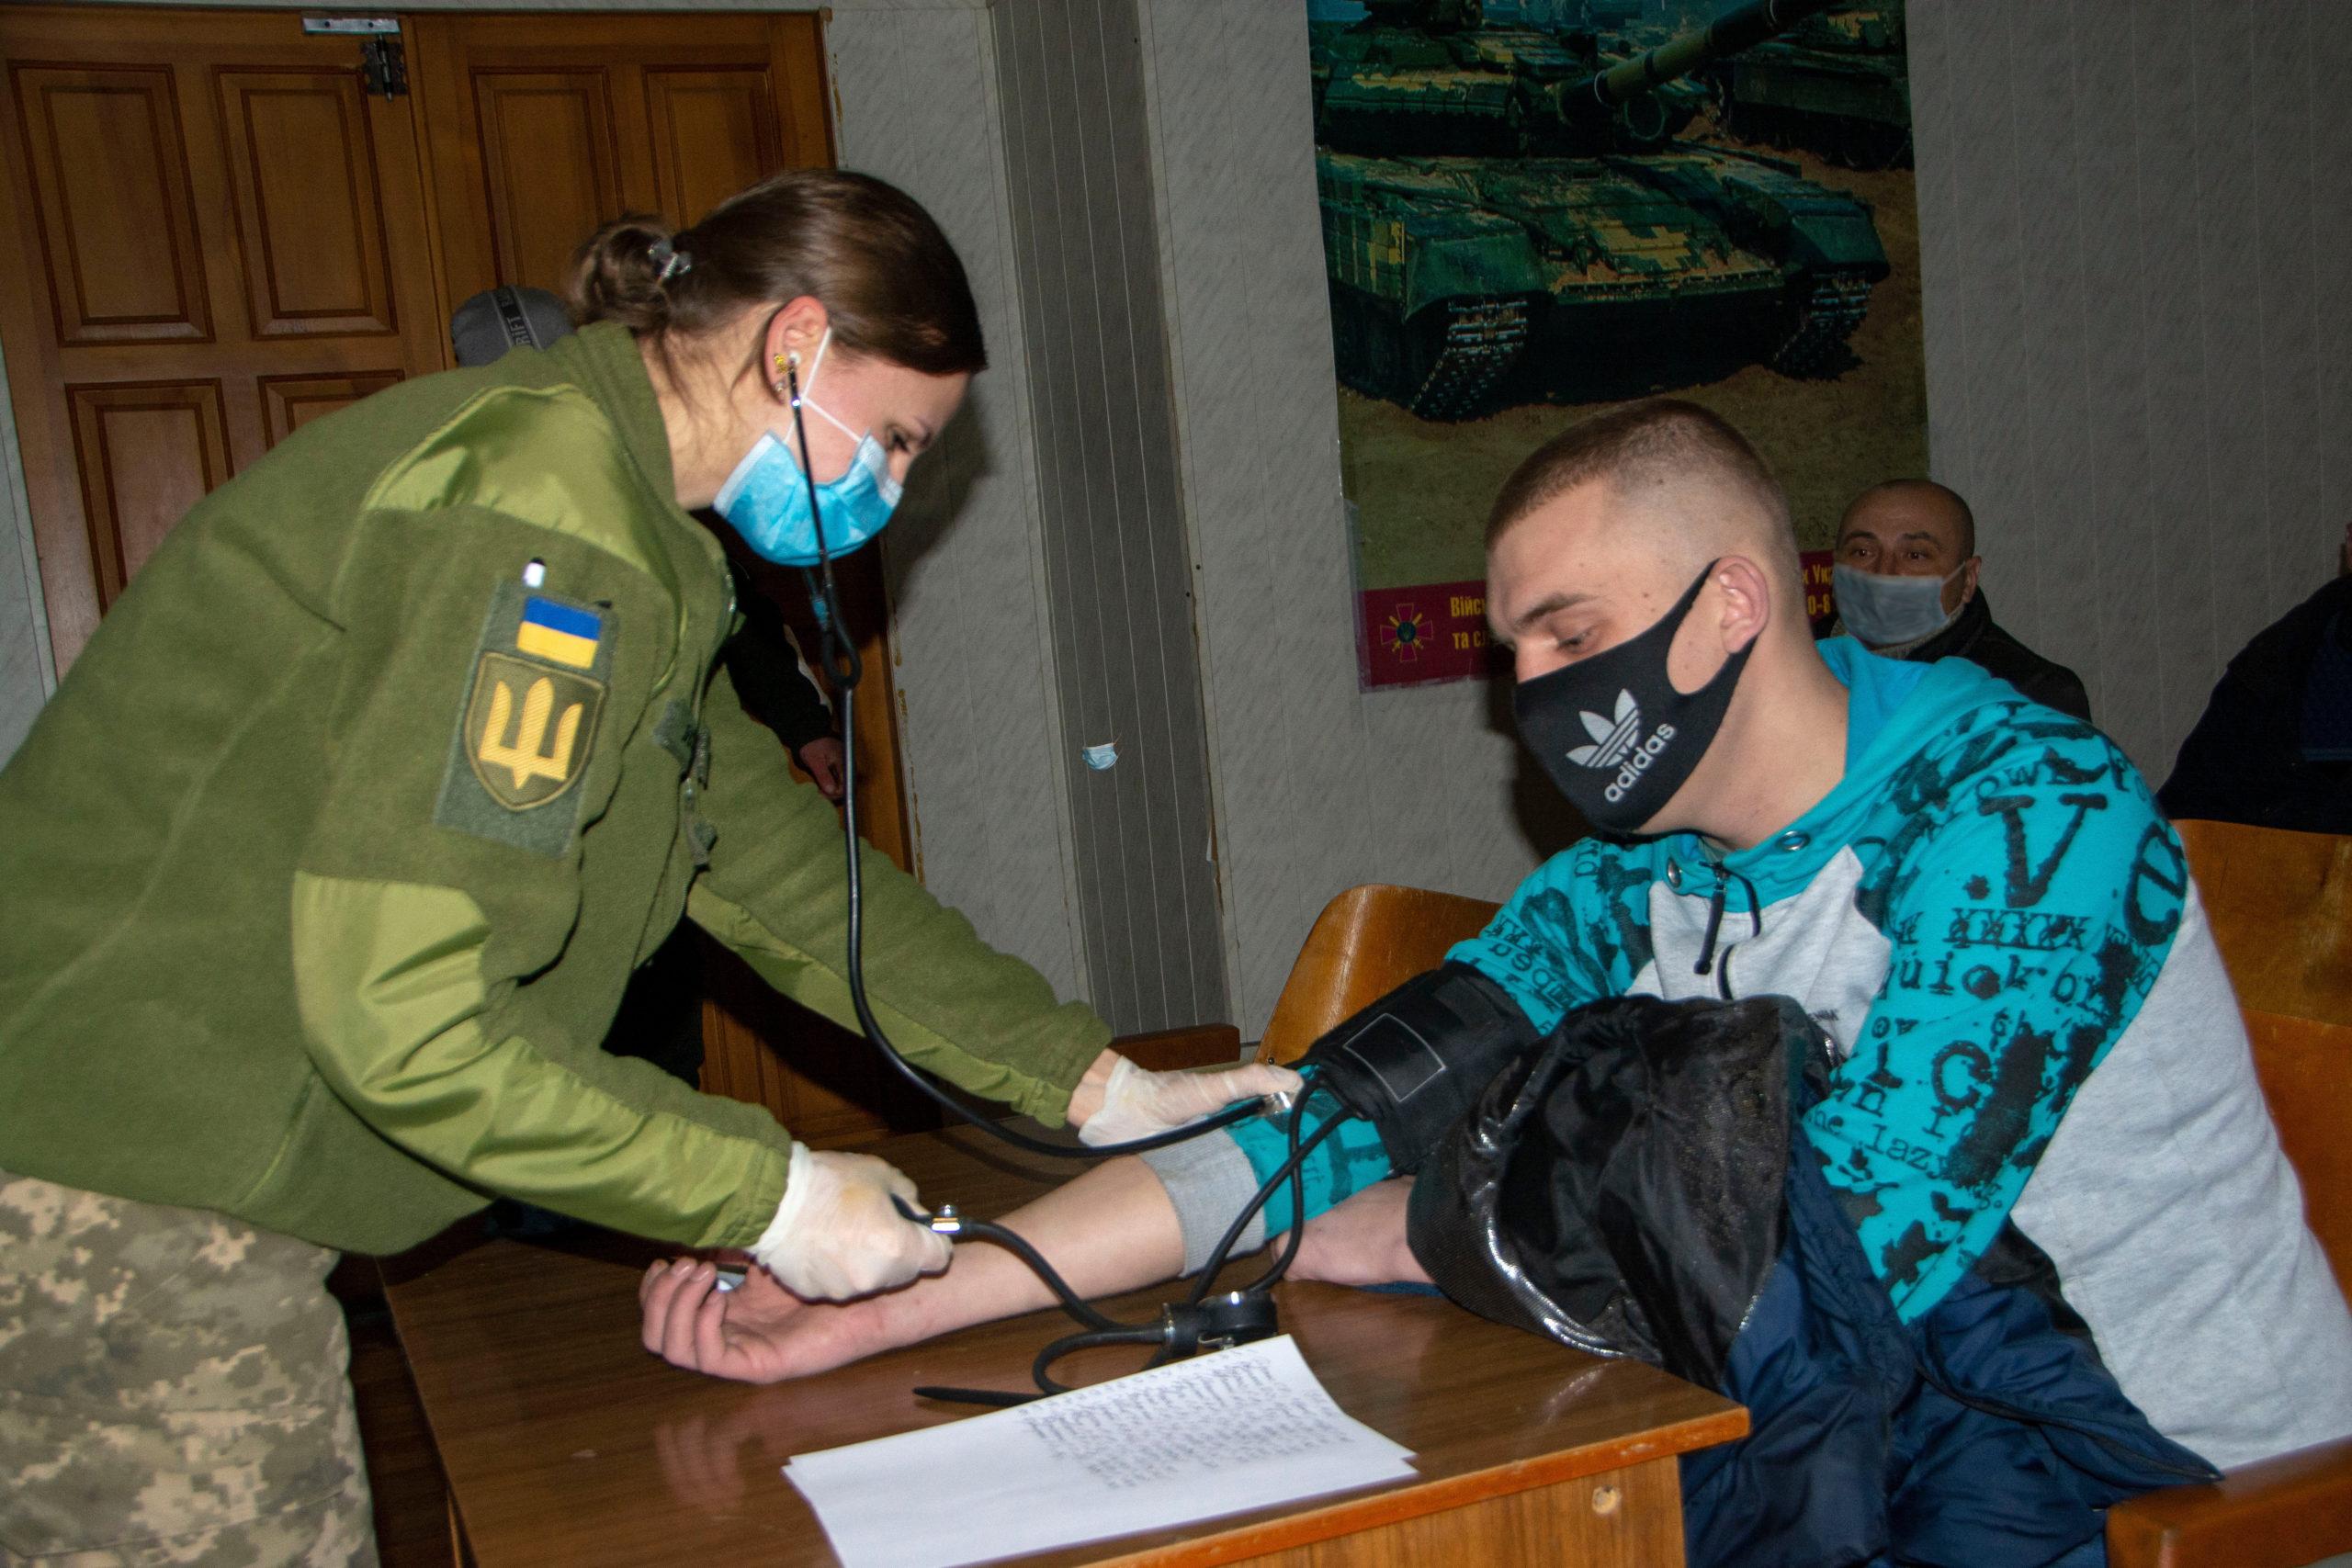 Територіальні центри комплектування та соціальної підтримки продовжують заходи з підготовки оперативного резерву.